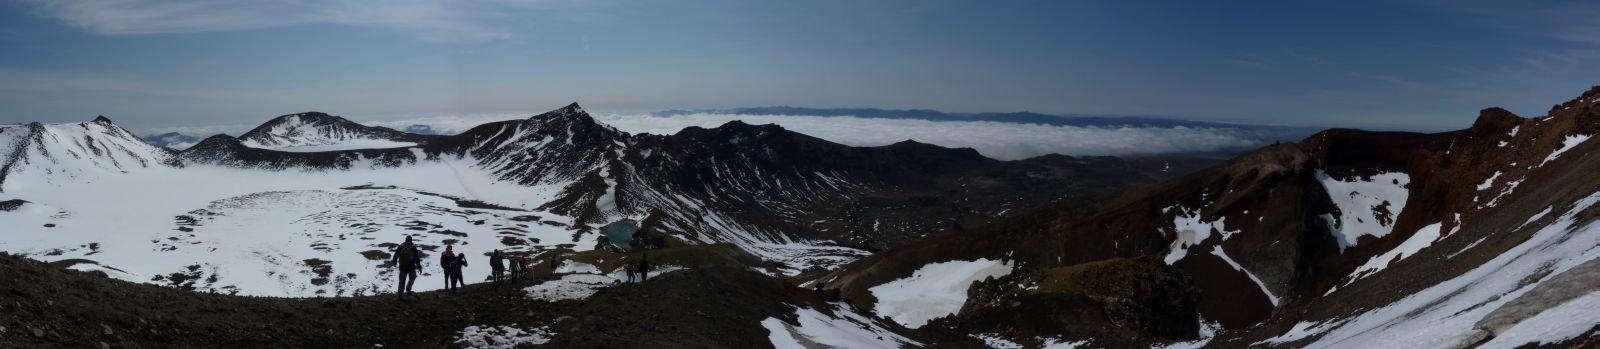 tongariro-alpine-crossing-8